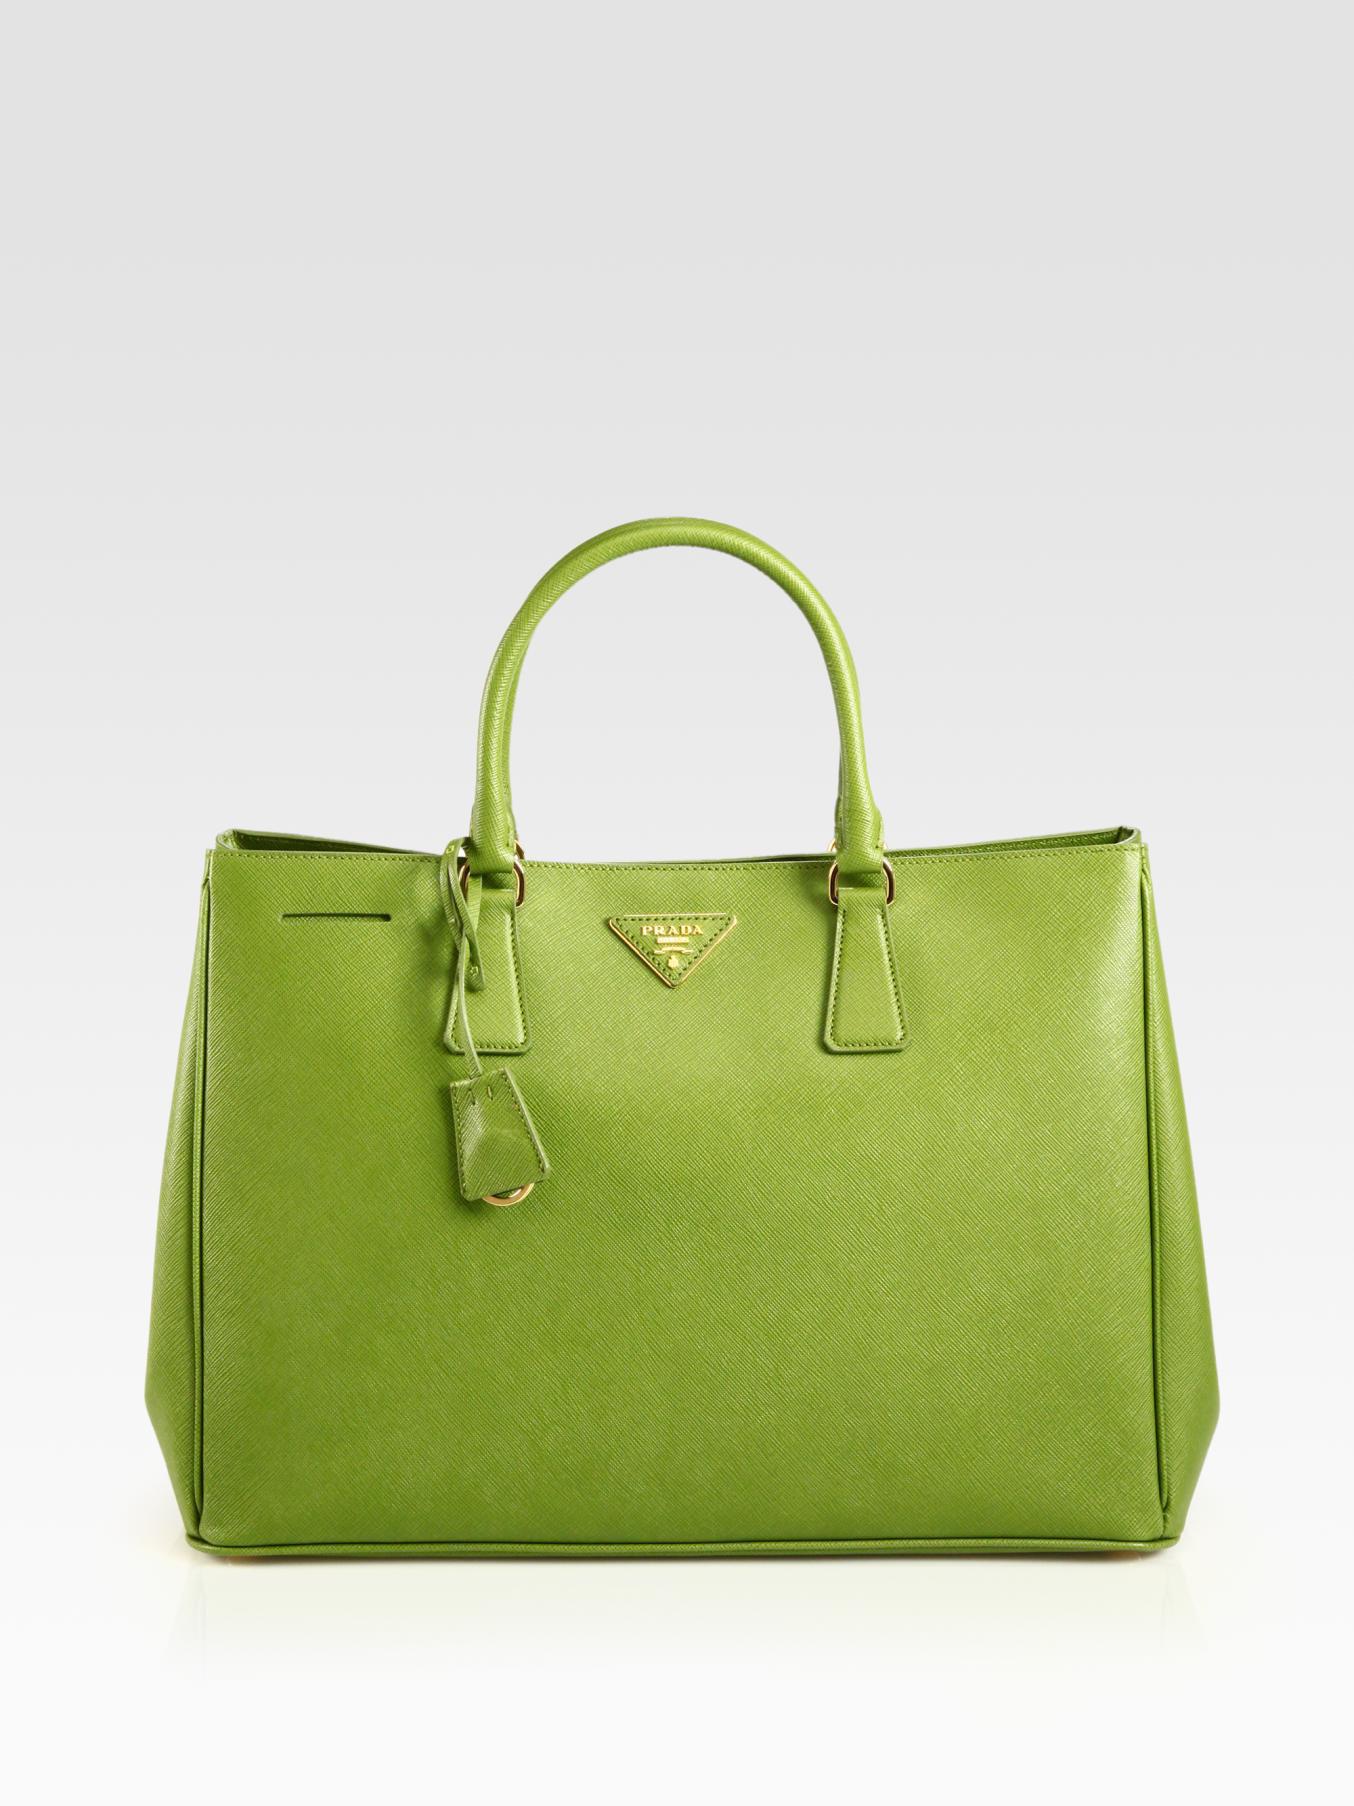 e4bcb913a39b ... best lyst prada saffiano lux tote in green 9d80f 76a49